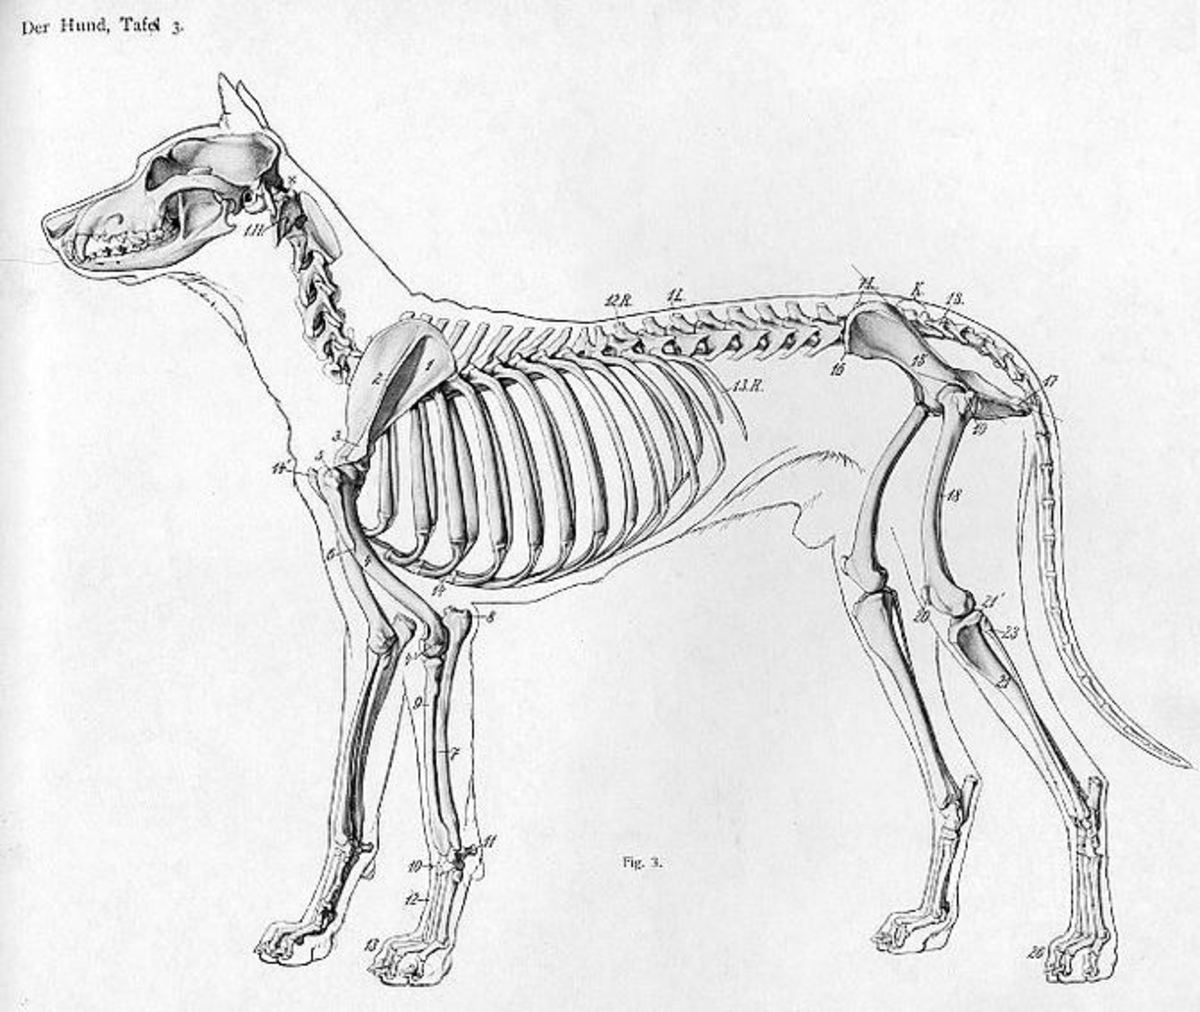 Animal anatomical engraving from Handbuch der Anatomie der Tiere für Künstler' - Hermann Dittrich, illustrator, public domain